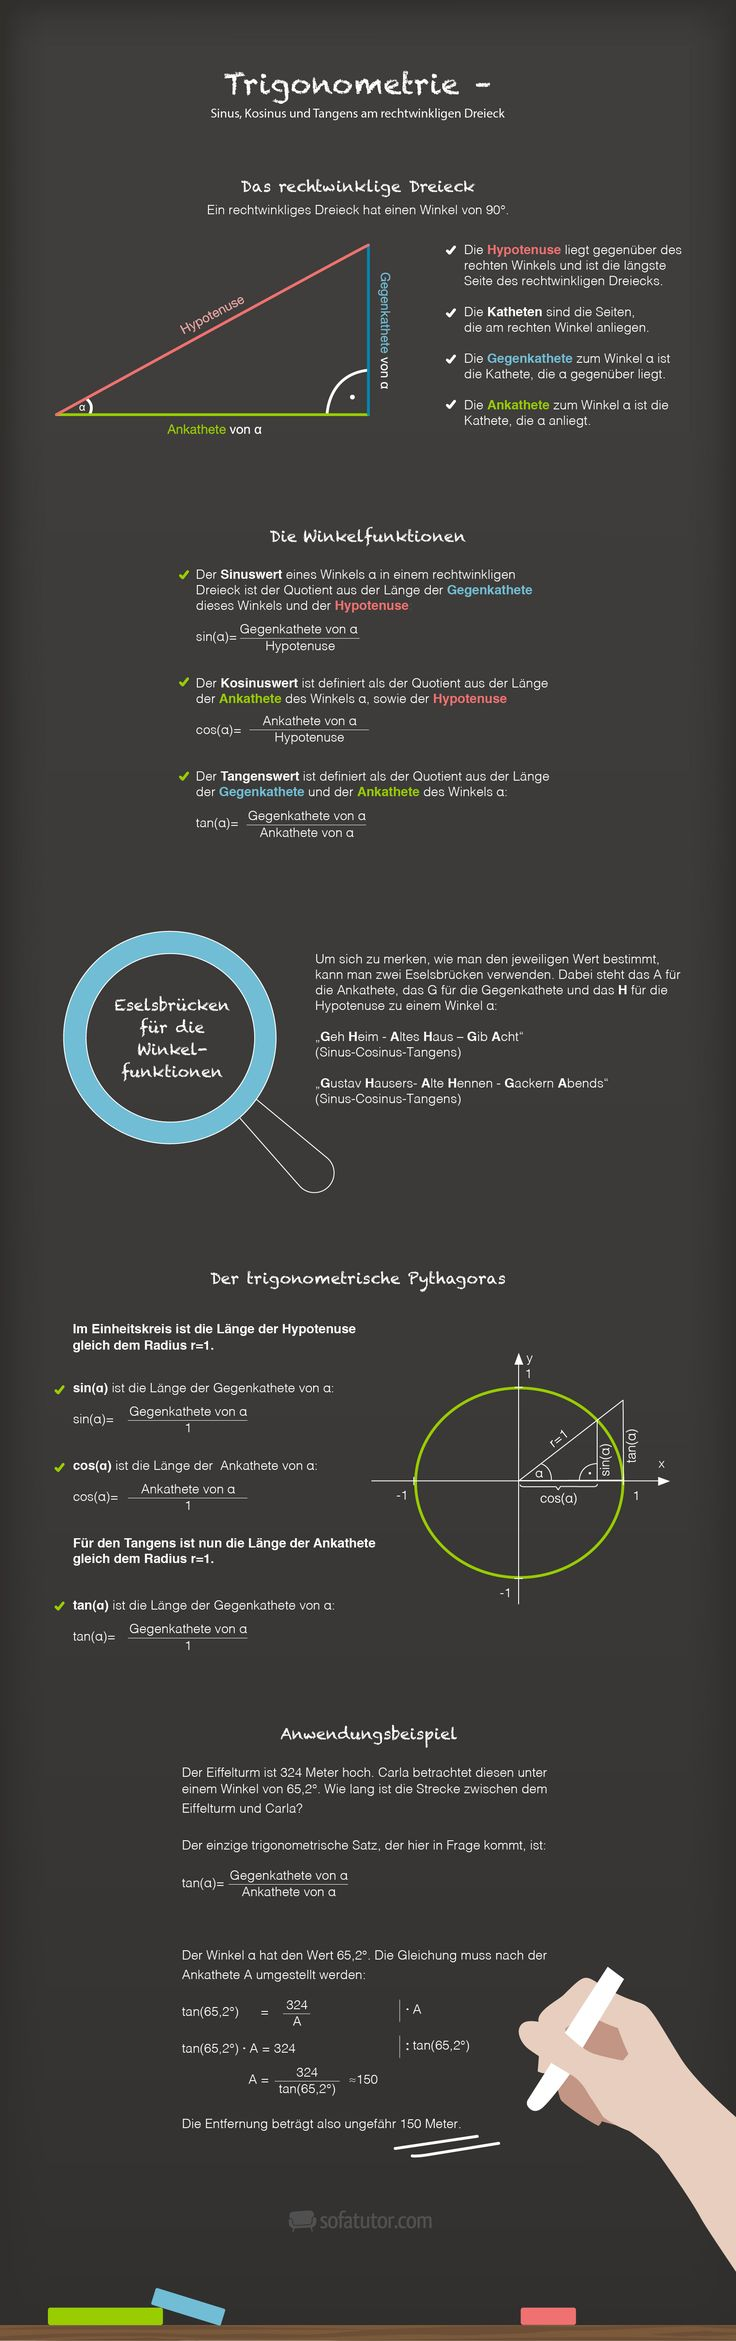 Sinus, Kosinus und Tangens beschreiben die Lage eines Winkels im rechtwinkligen Dreieck. Was du sonst noch dazu wissen musst, haben wir auf einem gratis Lernposter zusammengefasst.